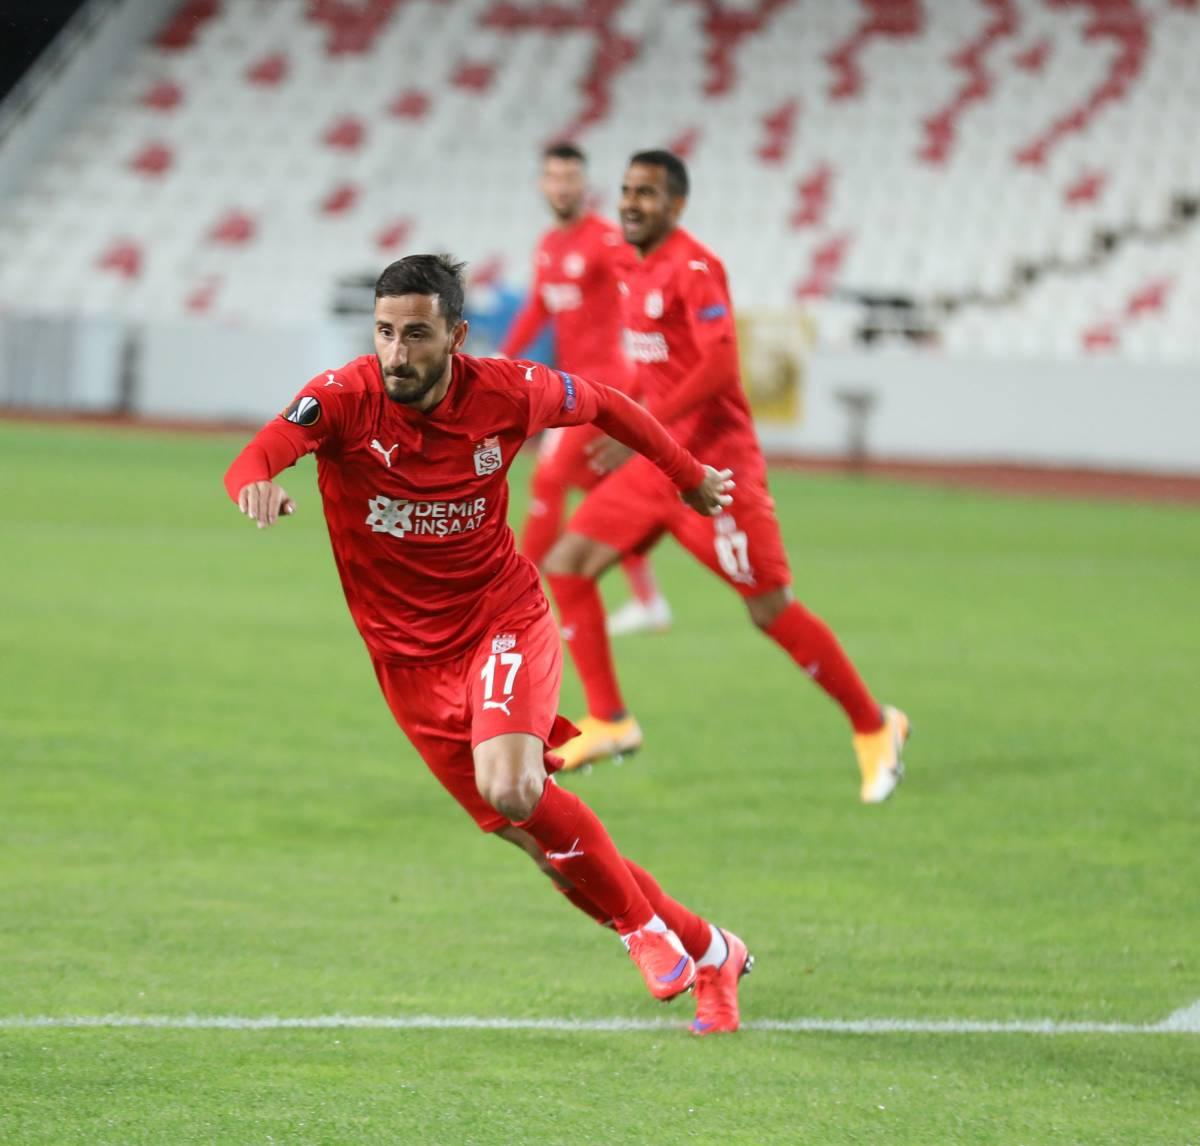 «Сивасспор» – «Фатих Карагюмрюк»: прогноз на матч чемпионата Турции